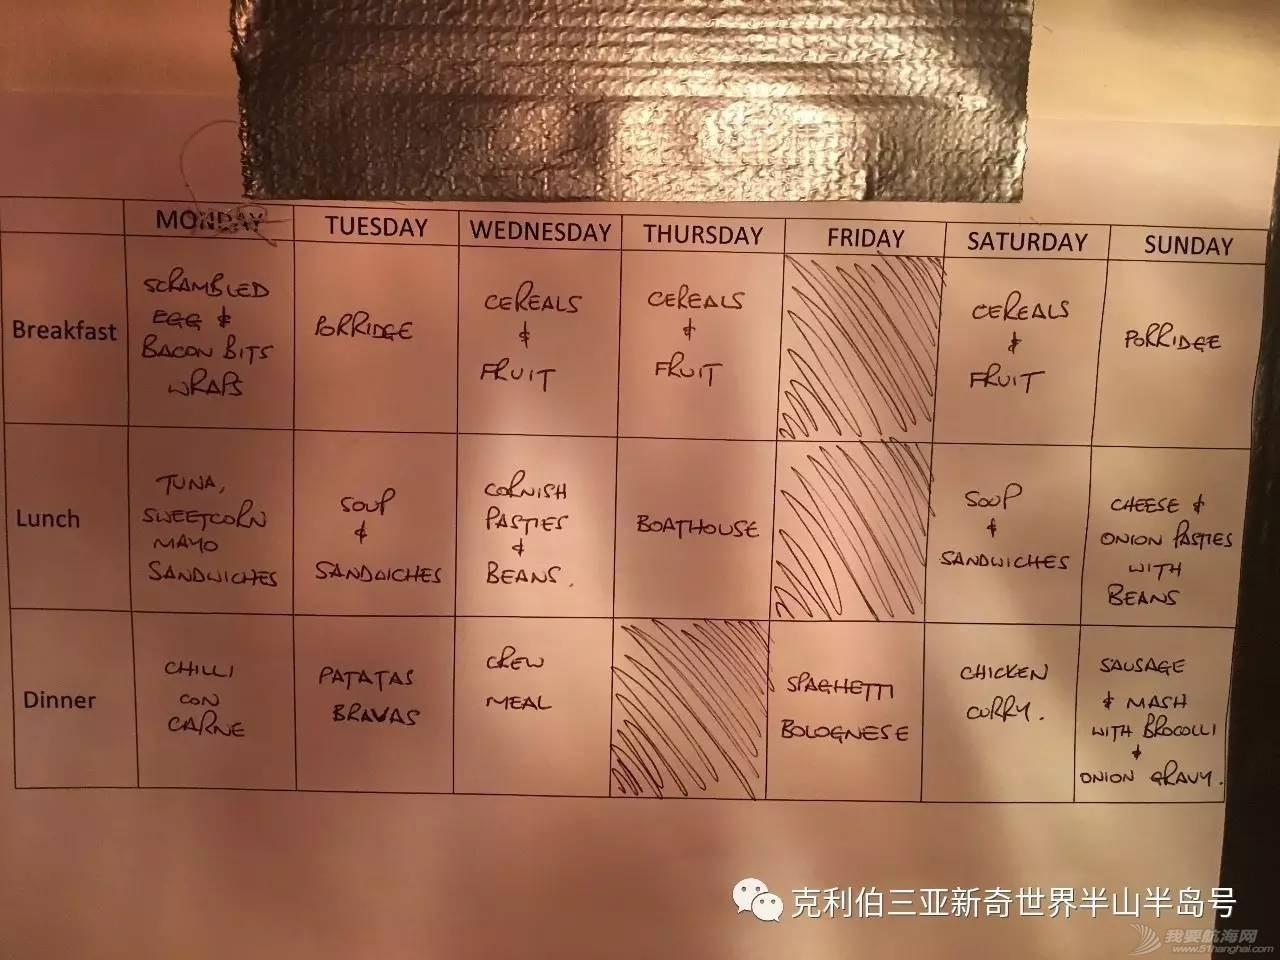 三亚新奇世界半山半岛号·水手日记精选:6月24日